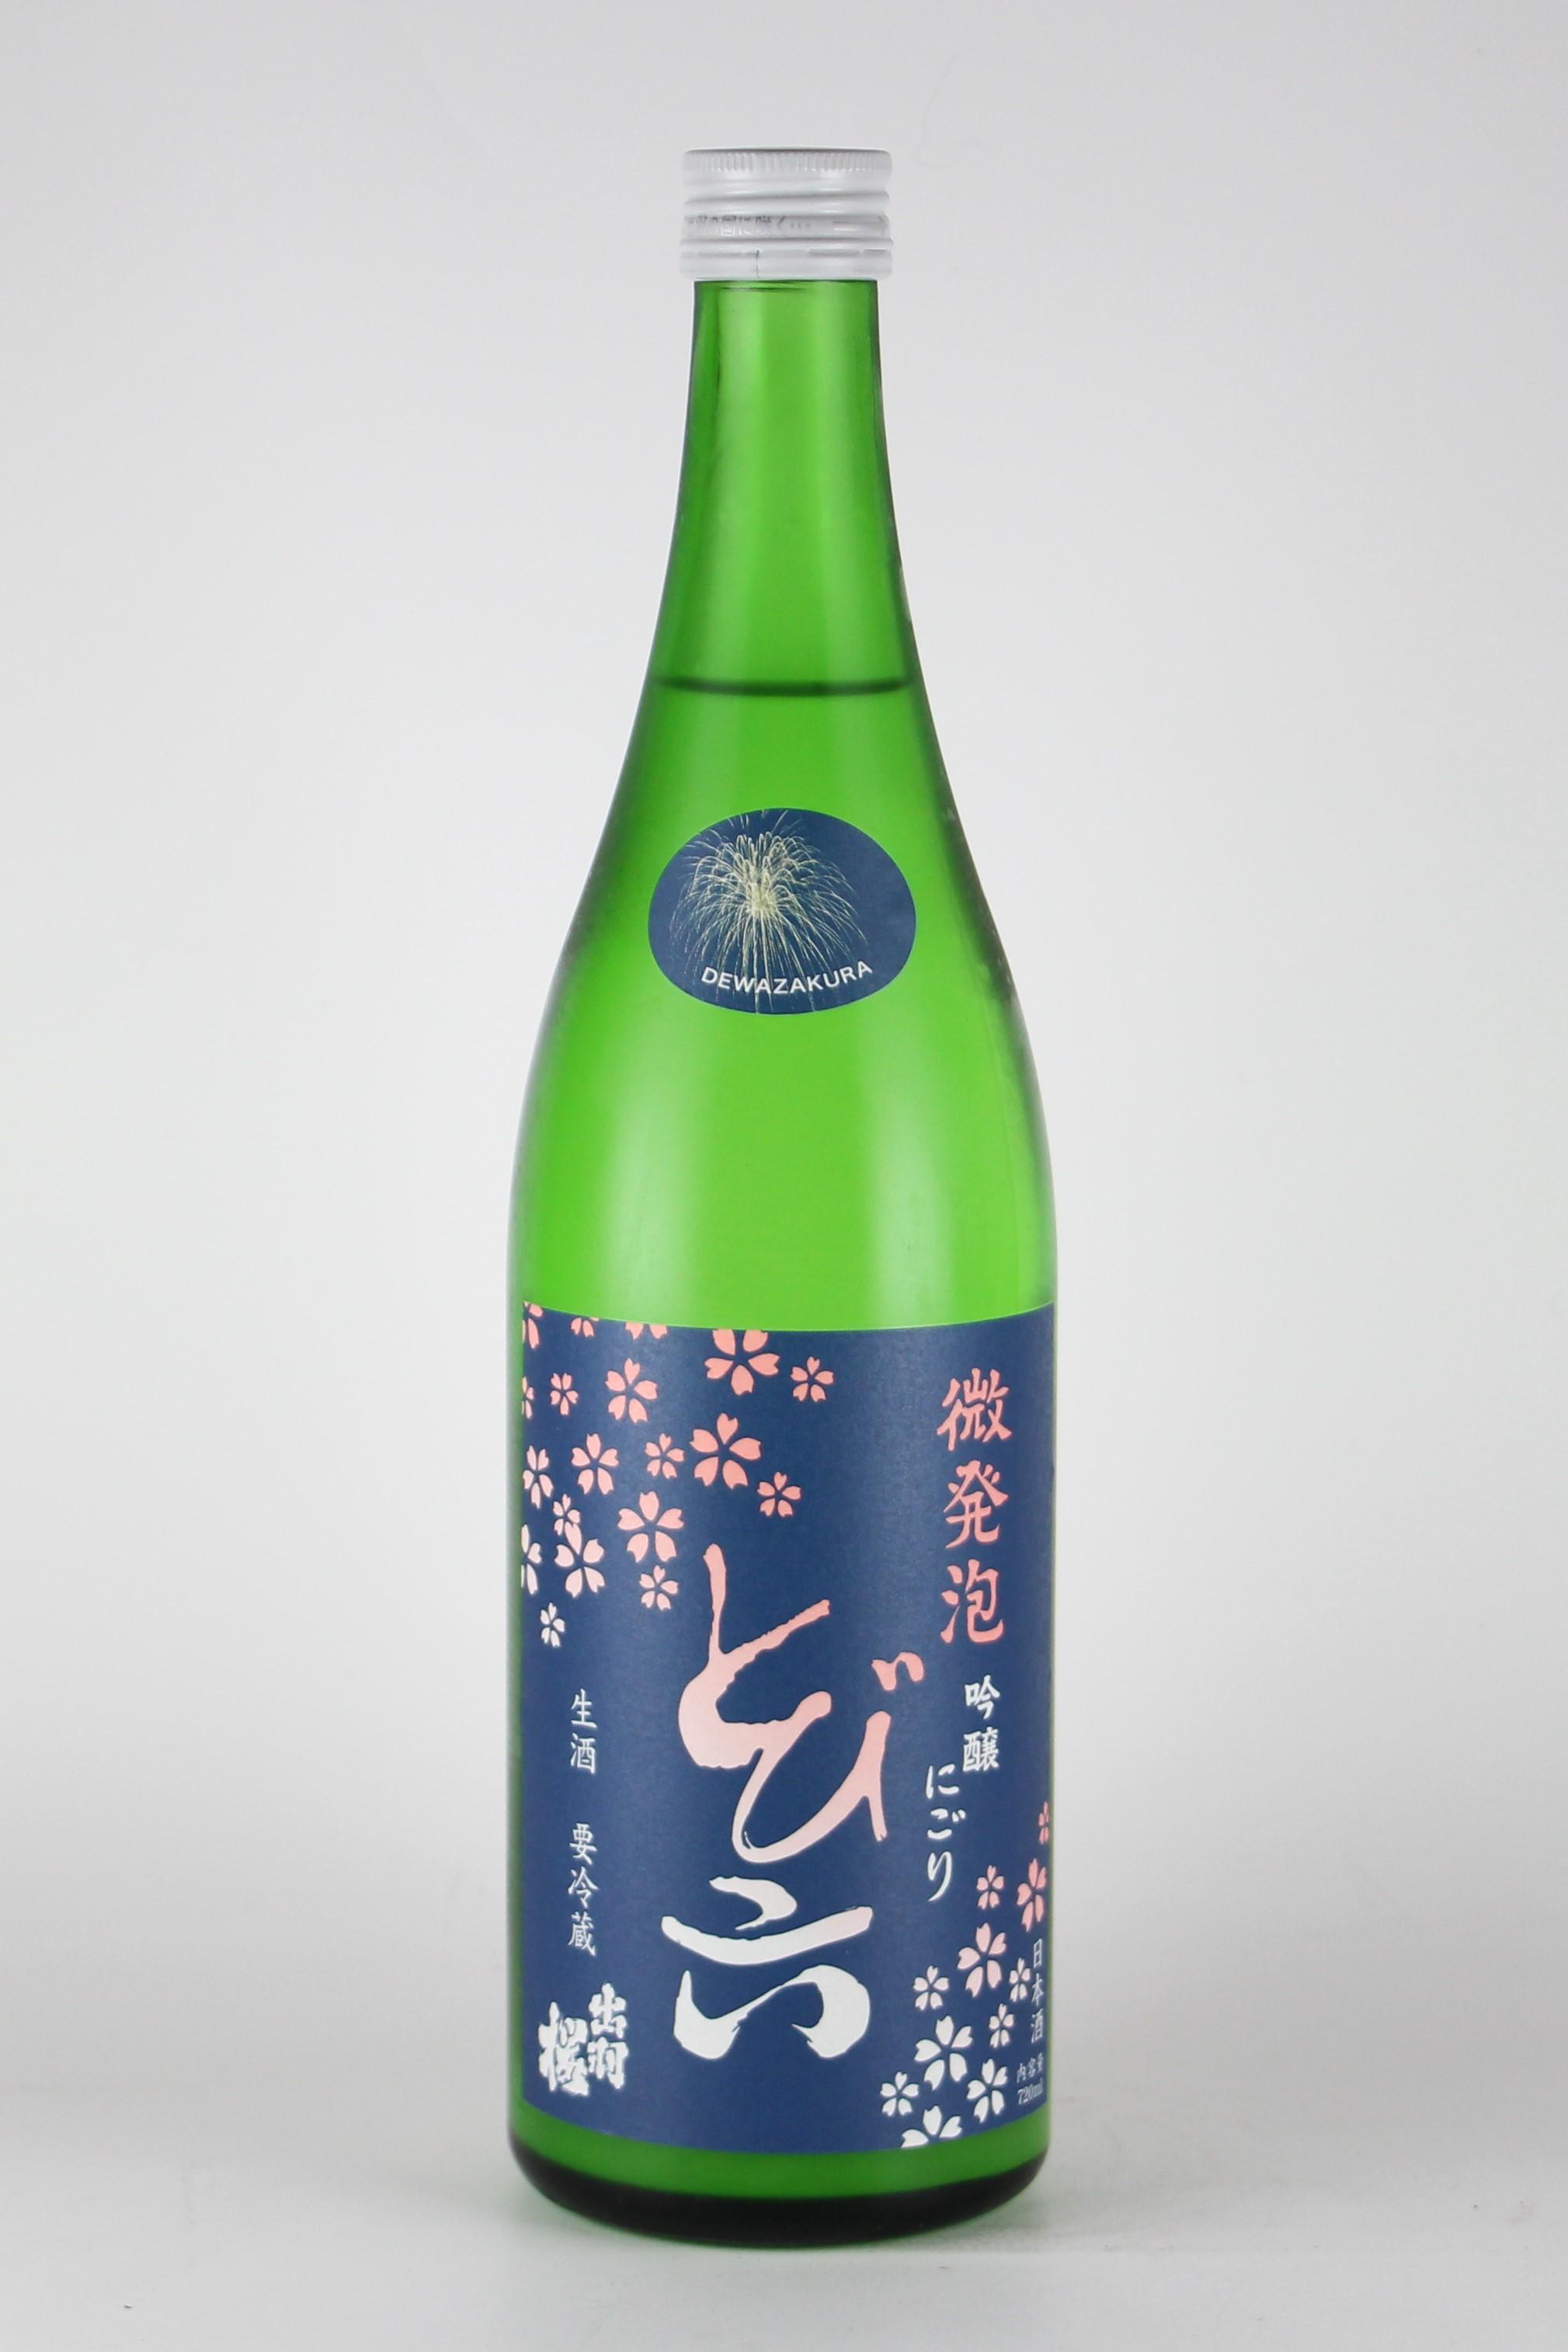 出羽桜 とび六 吟醸活性にごり本生 720ml 【山形/出羽桜酒造】